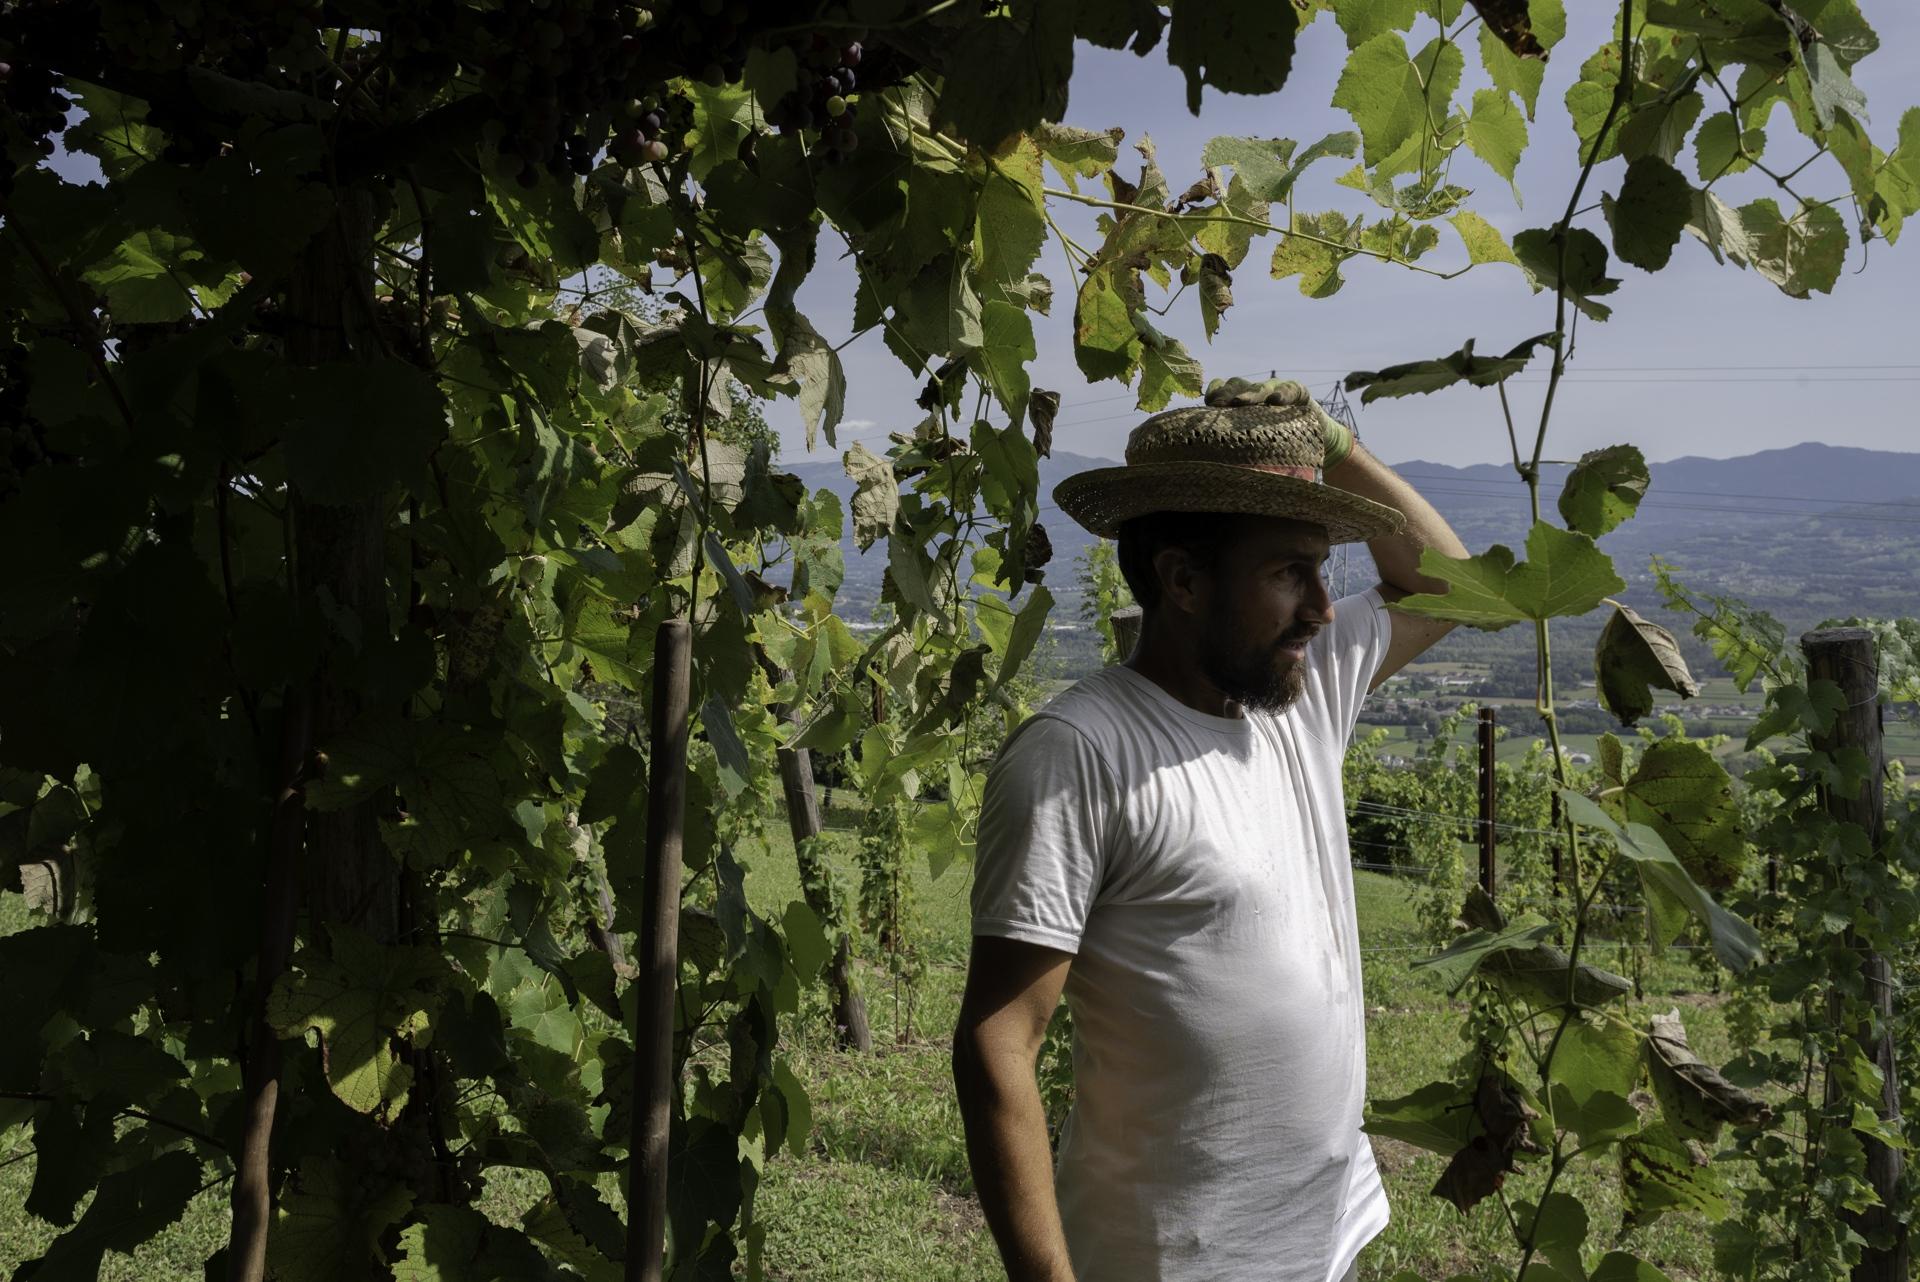 Filippo De Martin, viticoltore biologico sperimenta varietà resistenti che non necessitano di trattamenti specifici. Conduce le proprie vigne senza mezzi meccanici secondo i precetti tipici del viticoltore antico.Roncoi, San Gregorio nelle Alpi (BL).